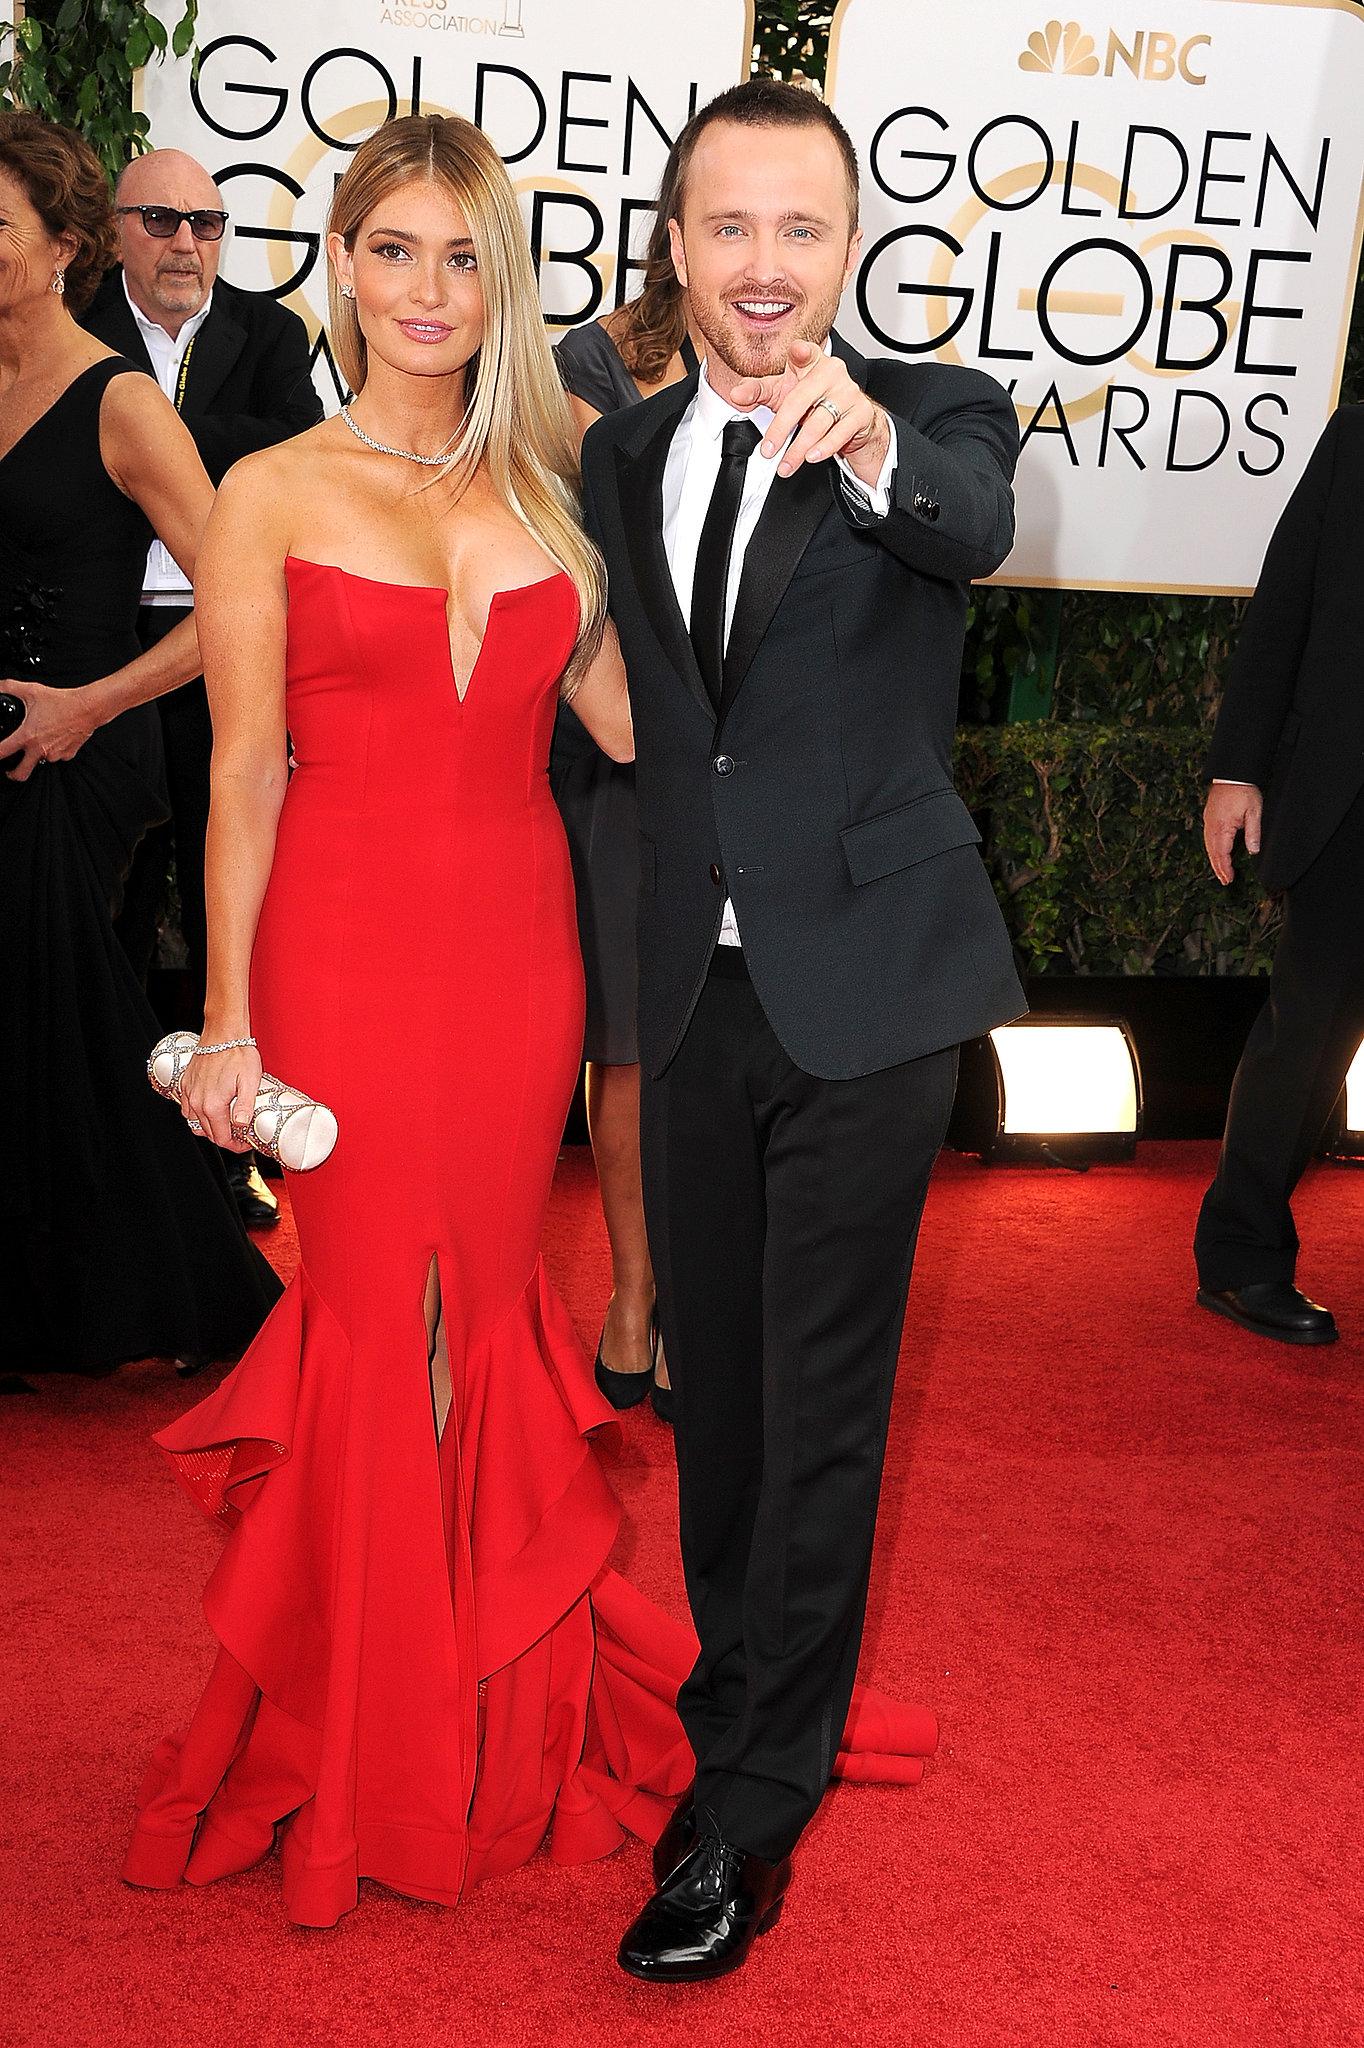 Aaron Paul joked around alongside his wife, Lauren Parsekian, at the Golden Globes.